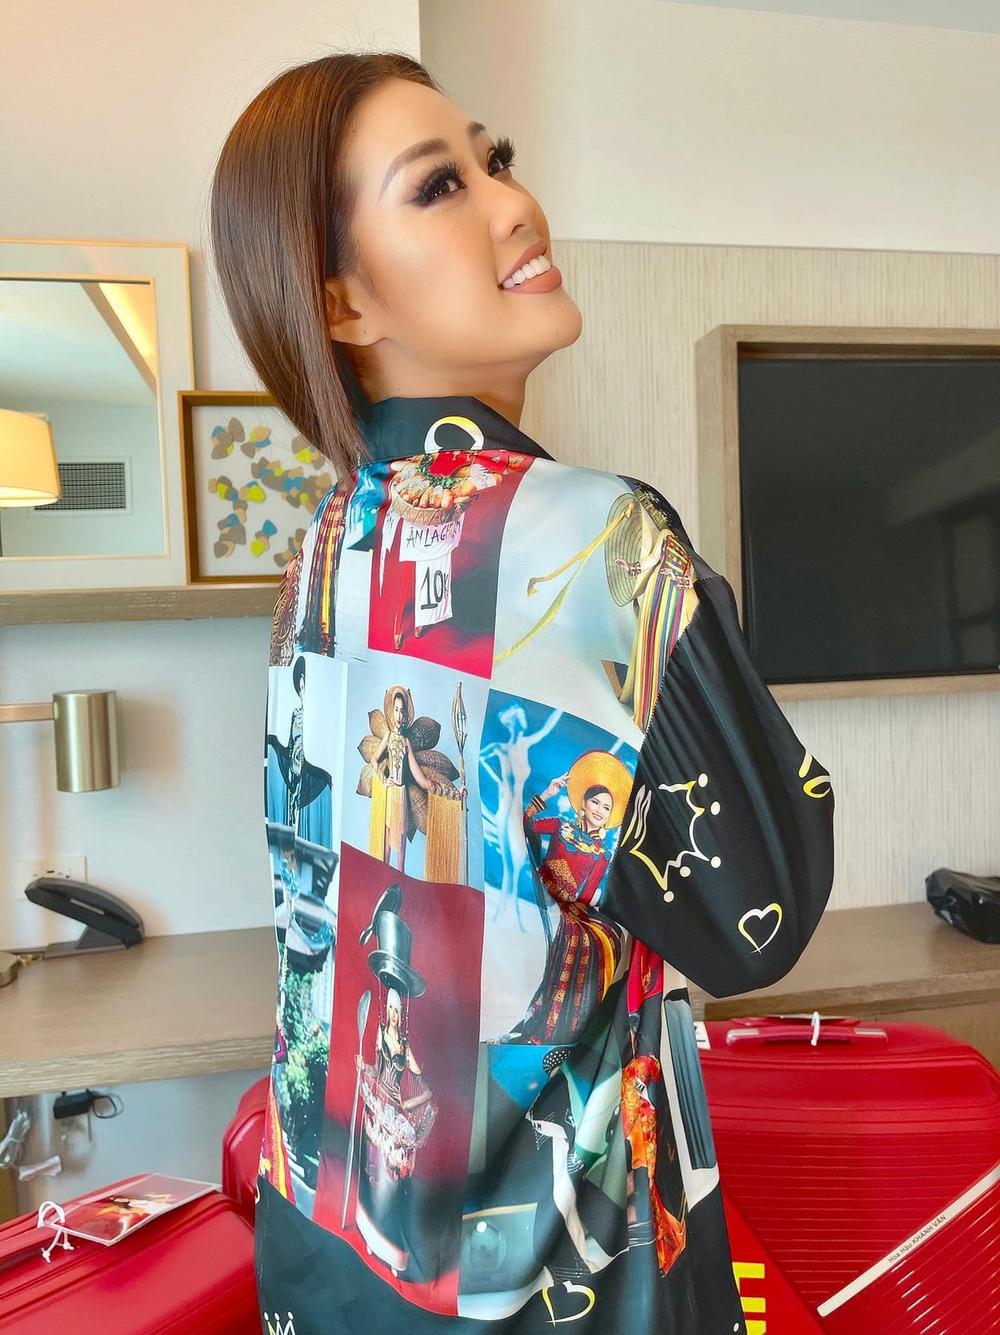 Khánh Vân chơi lớn với trang phục in hình 'đại gia đình Hoàn vũ' để tiếp thêm lửa tại Miss Universe Ảnh 1